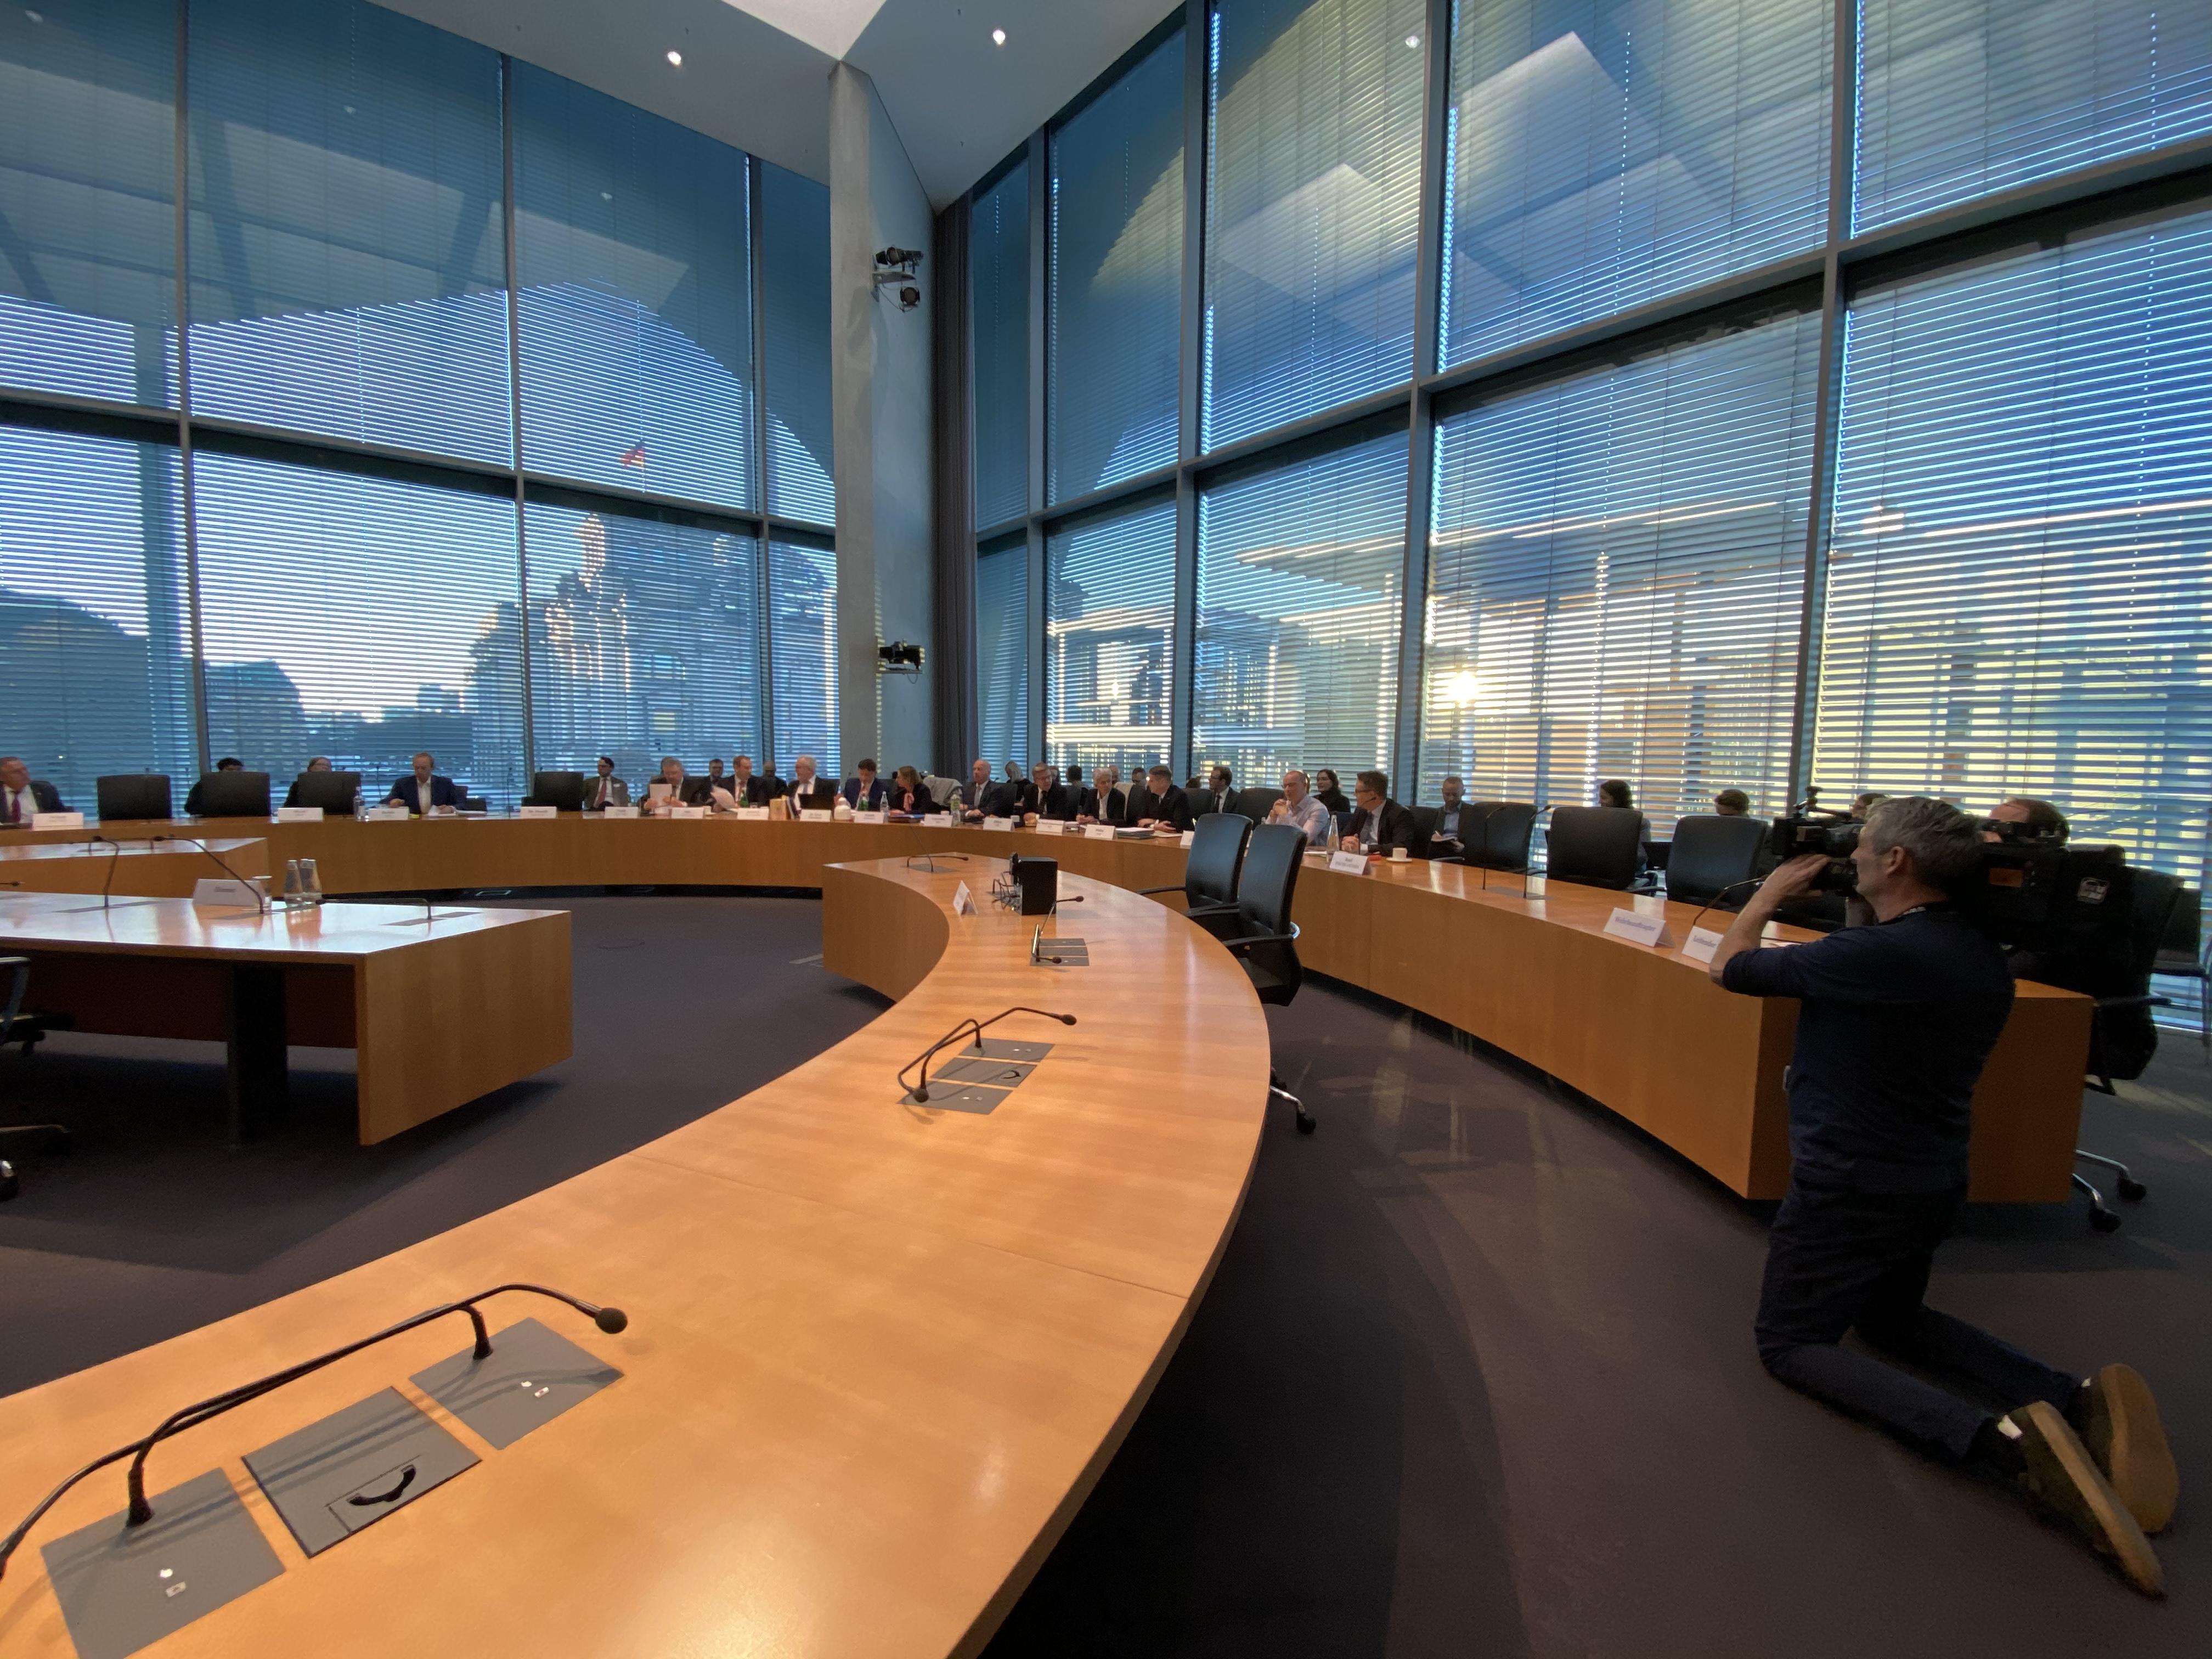 Sitzungssaal am 13. Februar 2020 MELH